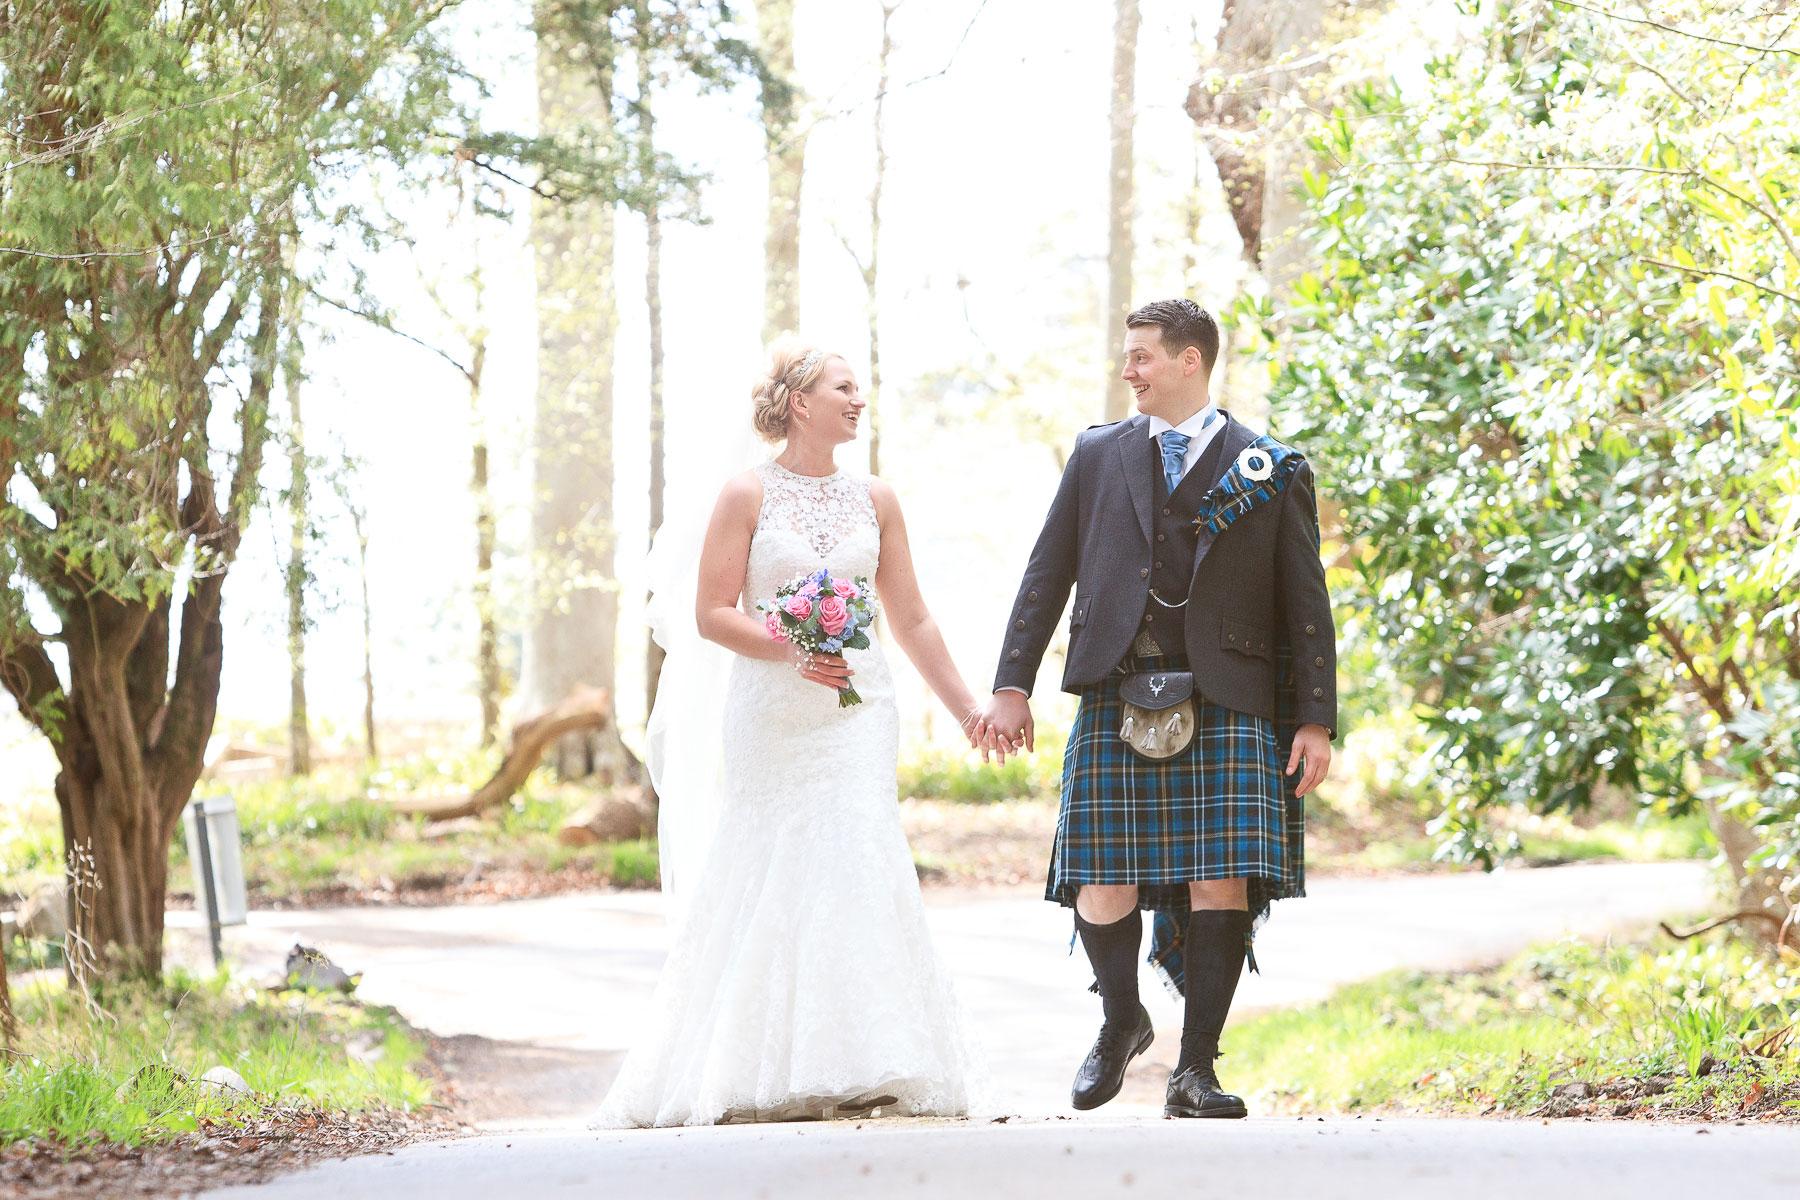 achnagairn-castle-wedding-inverness-4